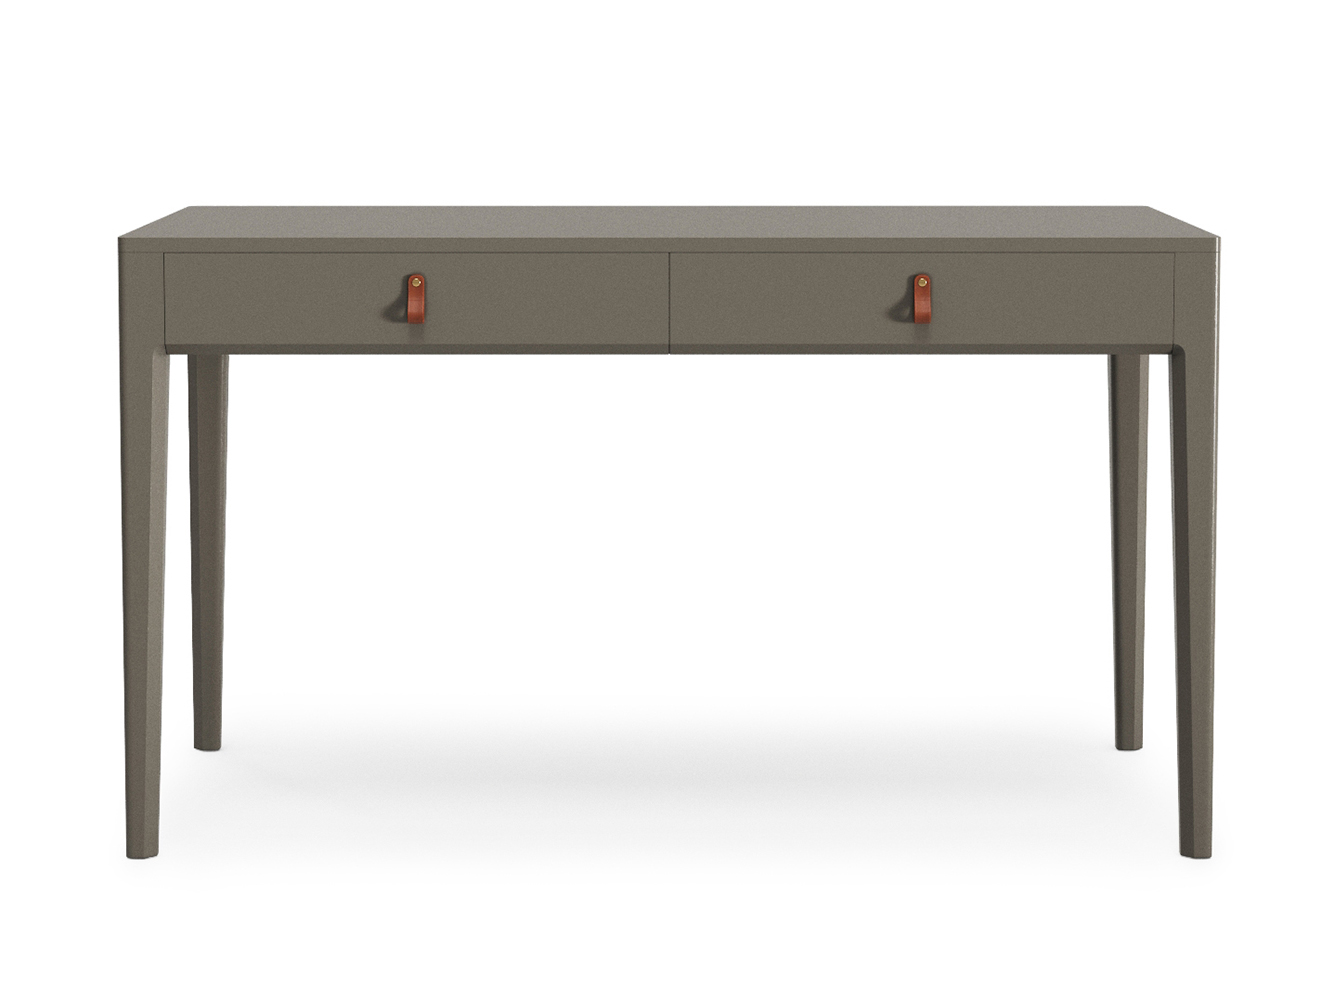 Рабочий стол CASEПисьменные столы<br>Рабочий стол с оптимальными габаритами для домашнего кабинета. Два вместительных ящика организуют дела и канцелярию, а фирменные кожаные ручки The IDEA добавят домашнего уюта.&amp;lt;div&amp;gt;&amp;lt;br&amp;gt;&amp;lt;/div&amp;gt;&amp;lt;div&amp;gt;Материал: Массив дуба, Натуральный шпон дуба, МДФ, Эмаль, ДСП&amp;lt;br&amp;gt;&amp;lt;/div&amp;gt;<br><br>Material: Дерево<br>Length см: None<br>Width см: 140<br>Depth см: 70<br>Height см: 76<br>Diameter см: None